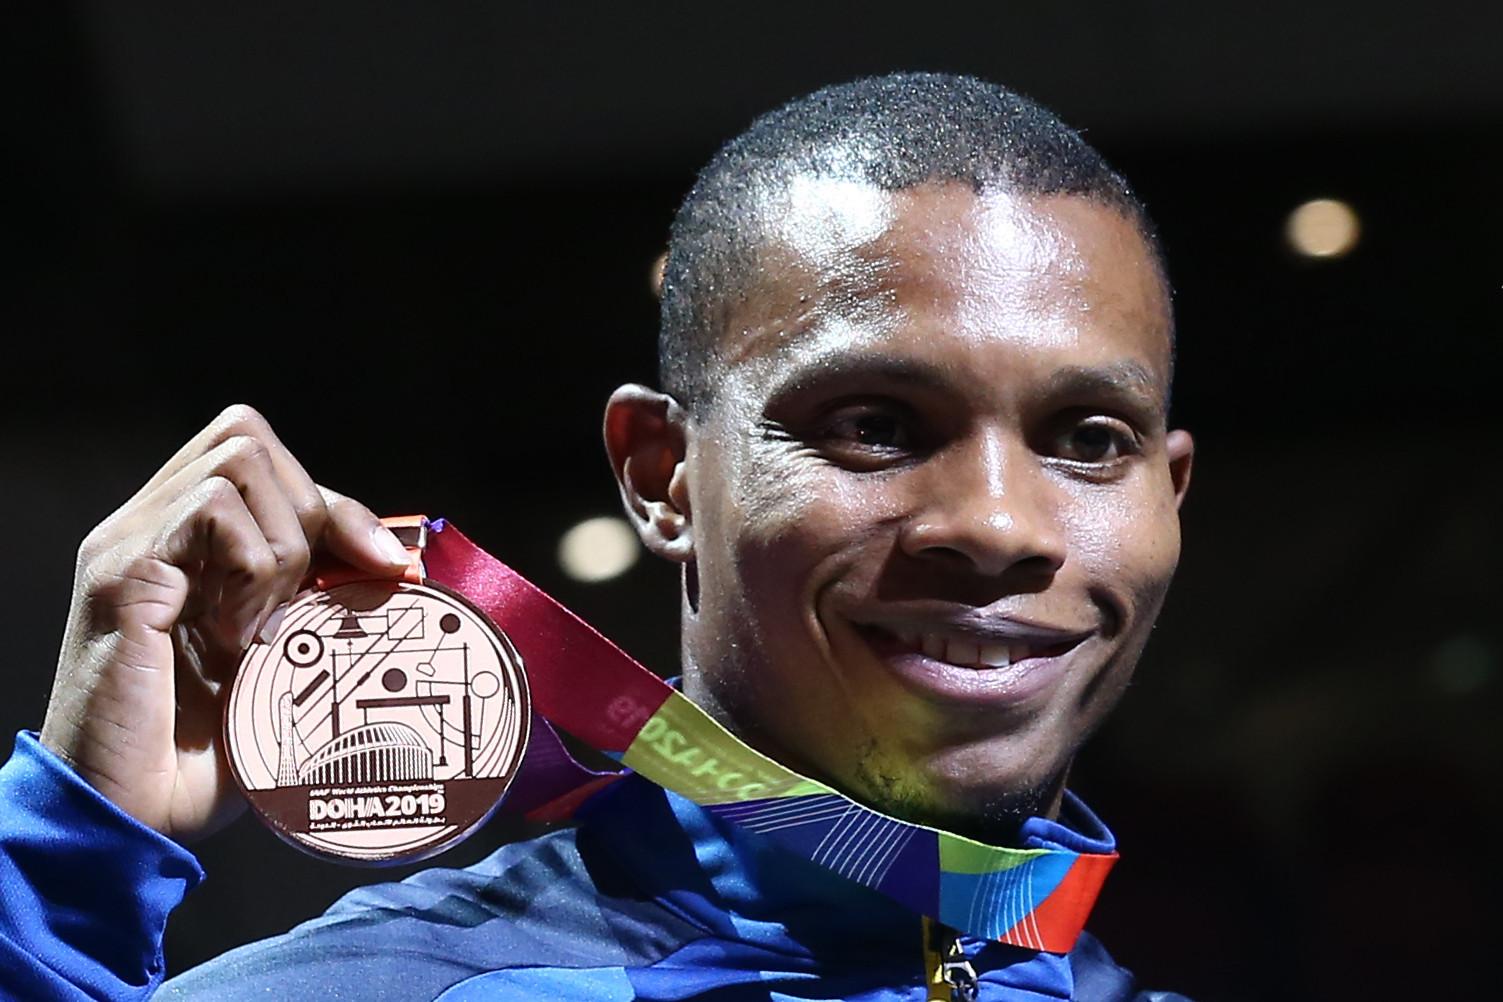 Ecuadorian World Athletics Championships bronze medallist murdered in home city